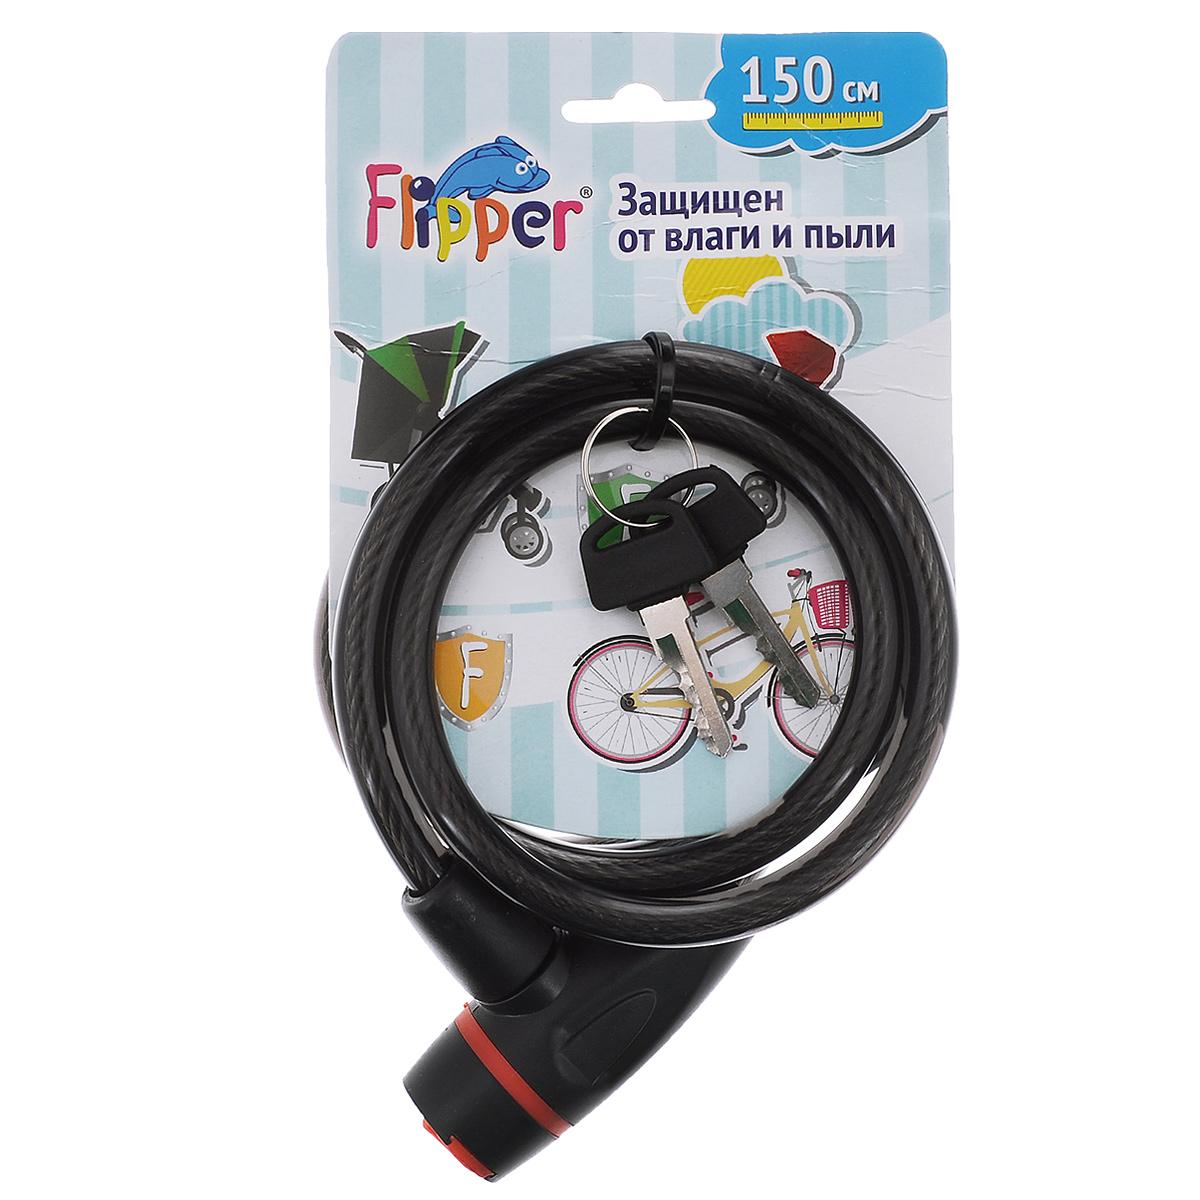 Замок для колясок Roxy-kids Flipper, с защитной крышкой, цвет: черный, 150 см roxy kids круг музыкальный на шею для купания flipper цвет розовый